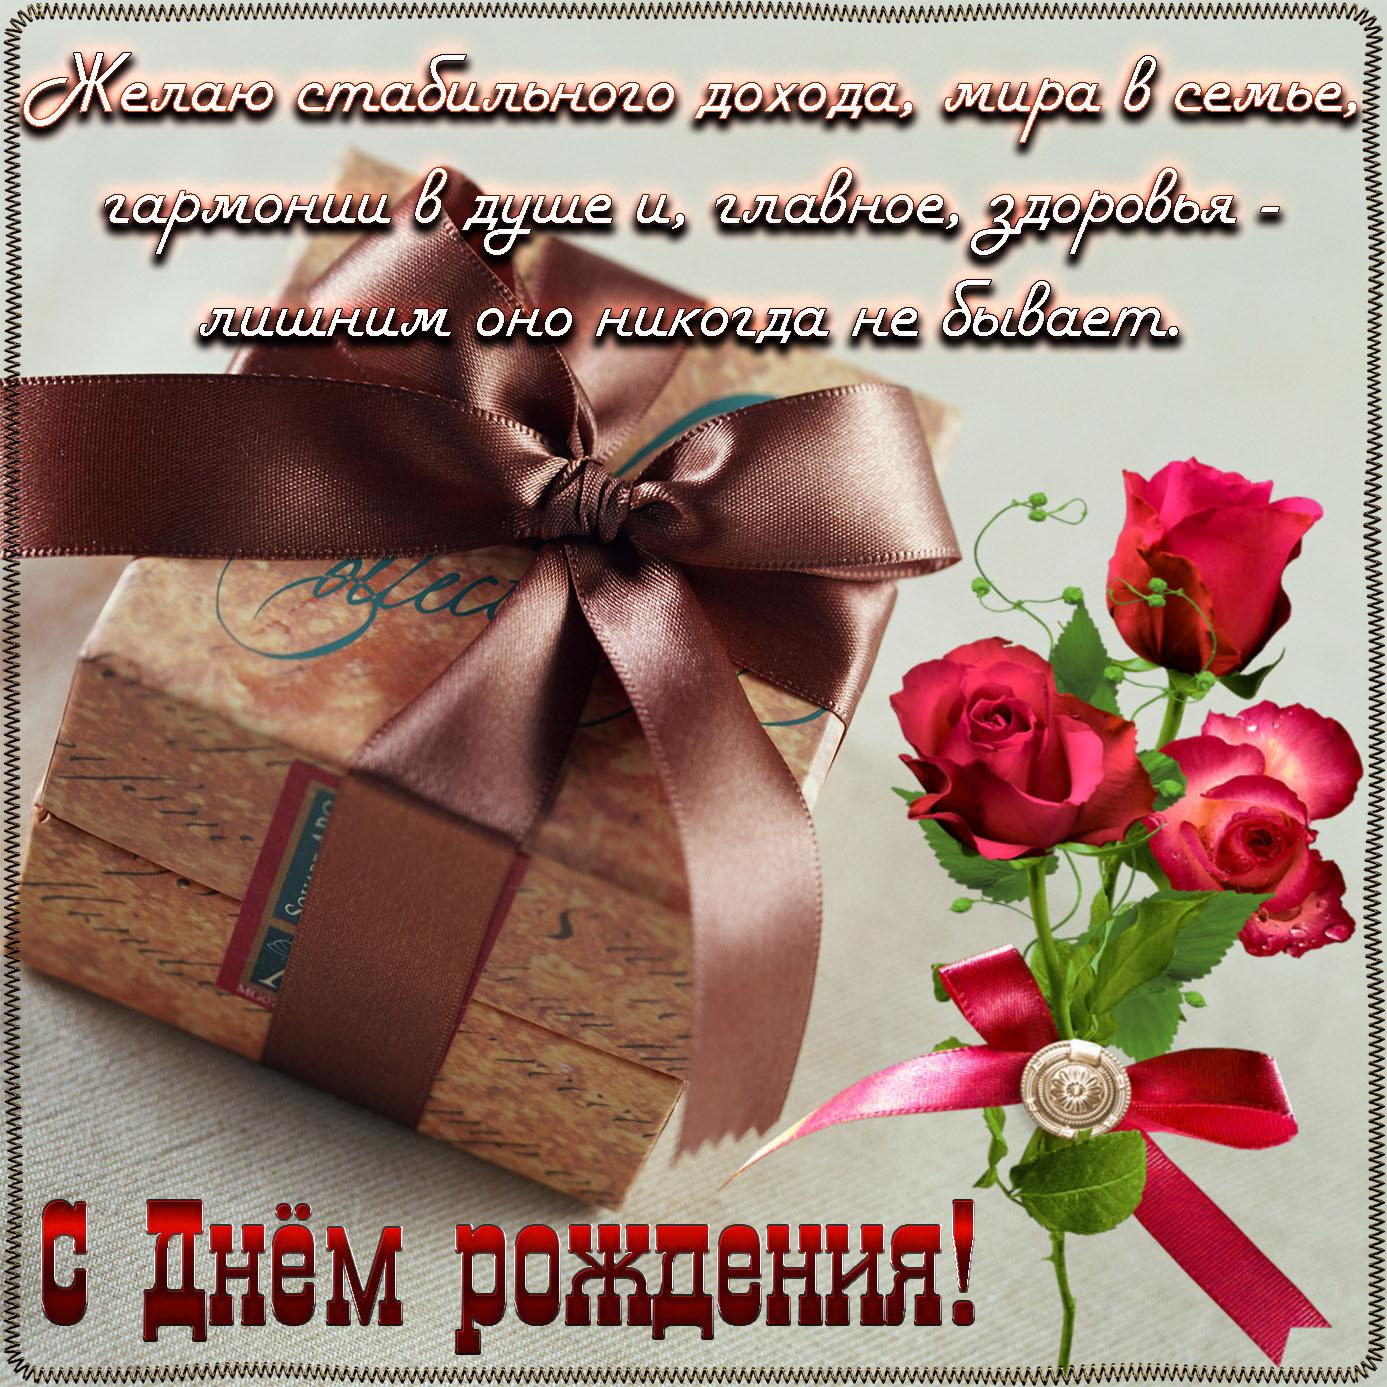 Картинка на День рождения мужчине с подарком